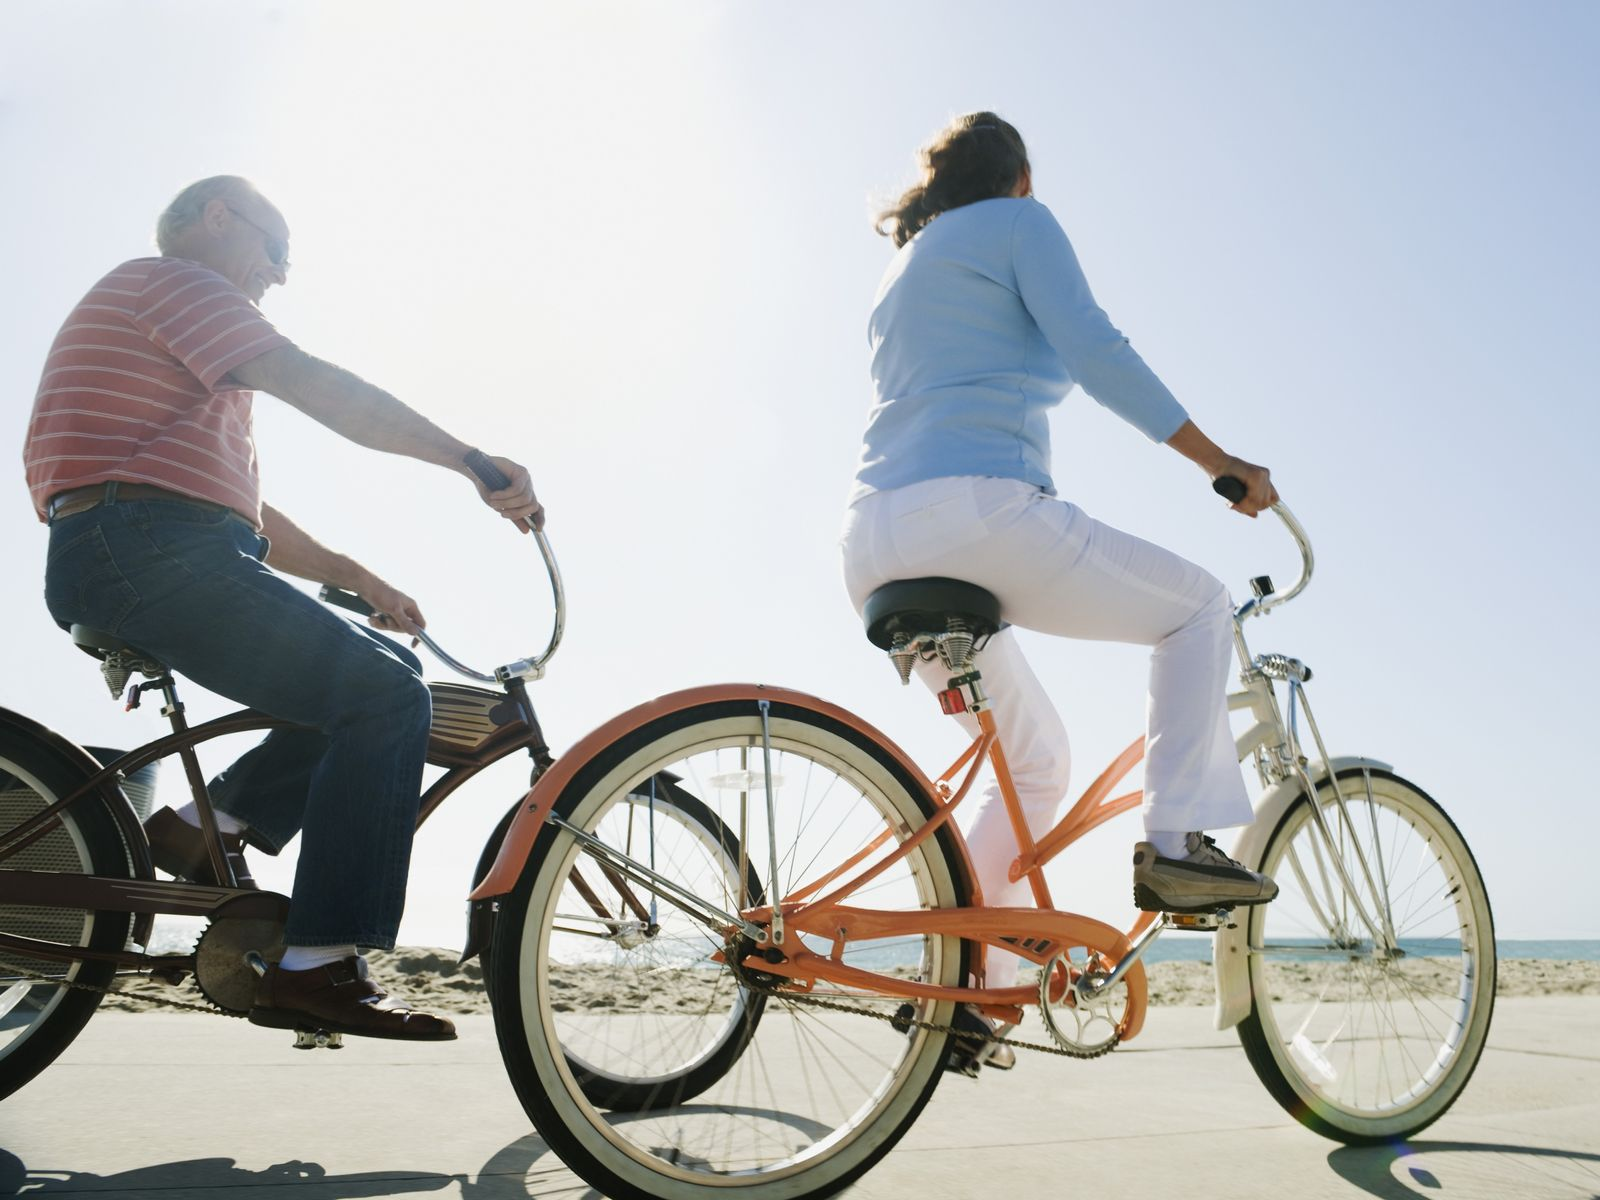 NICHT MEHR VERWENDEN! - Radfahren / Fahrrad